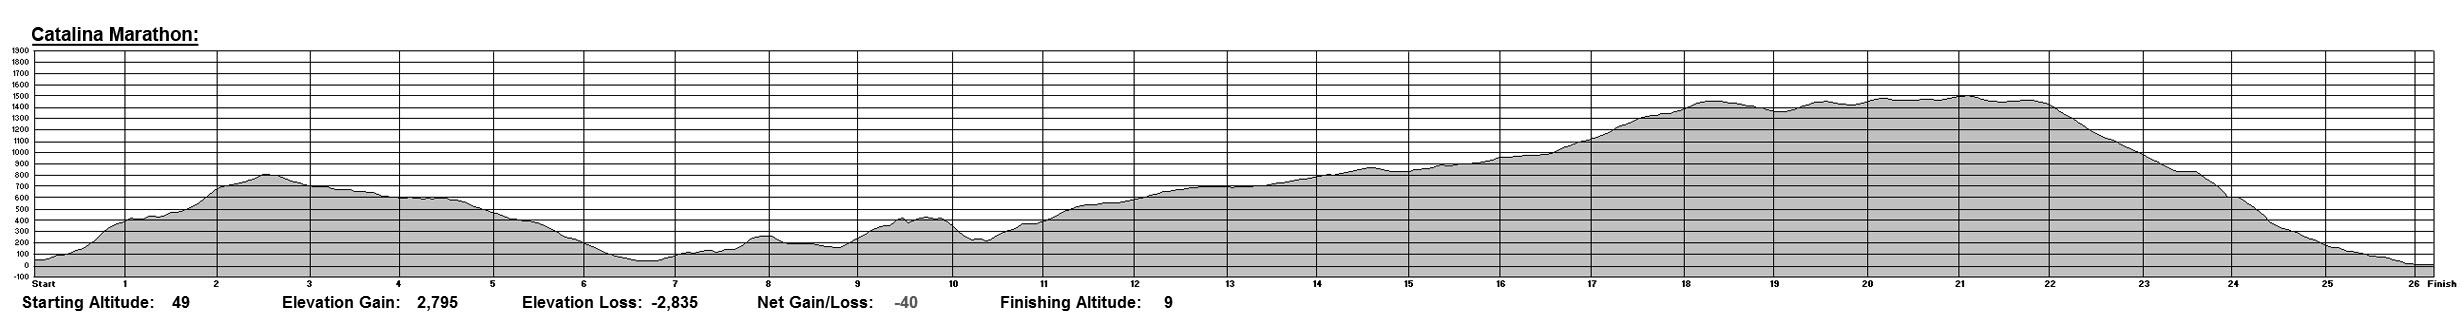 Catalina Marathon